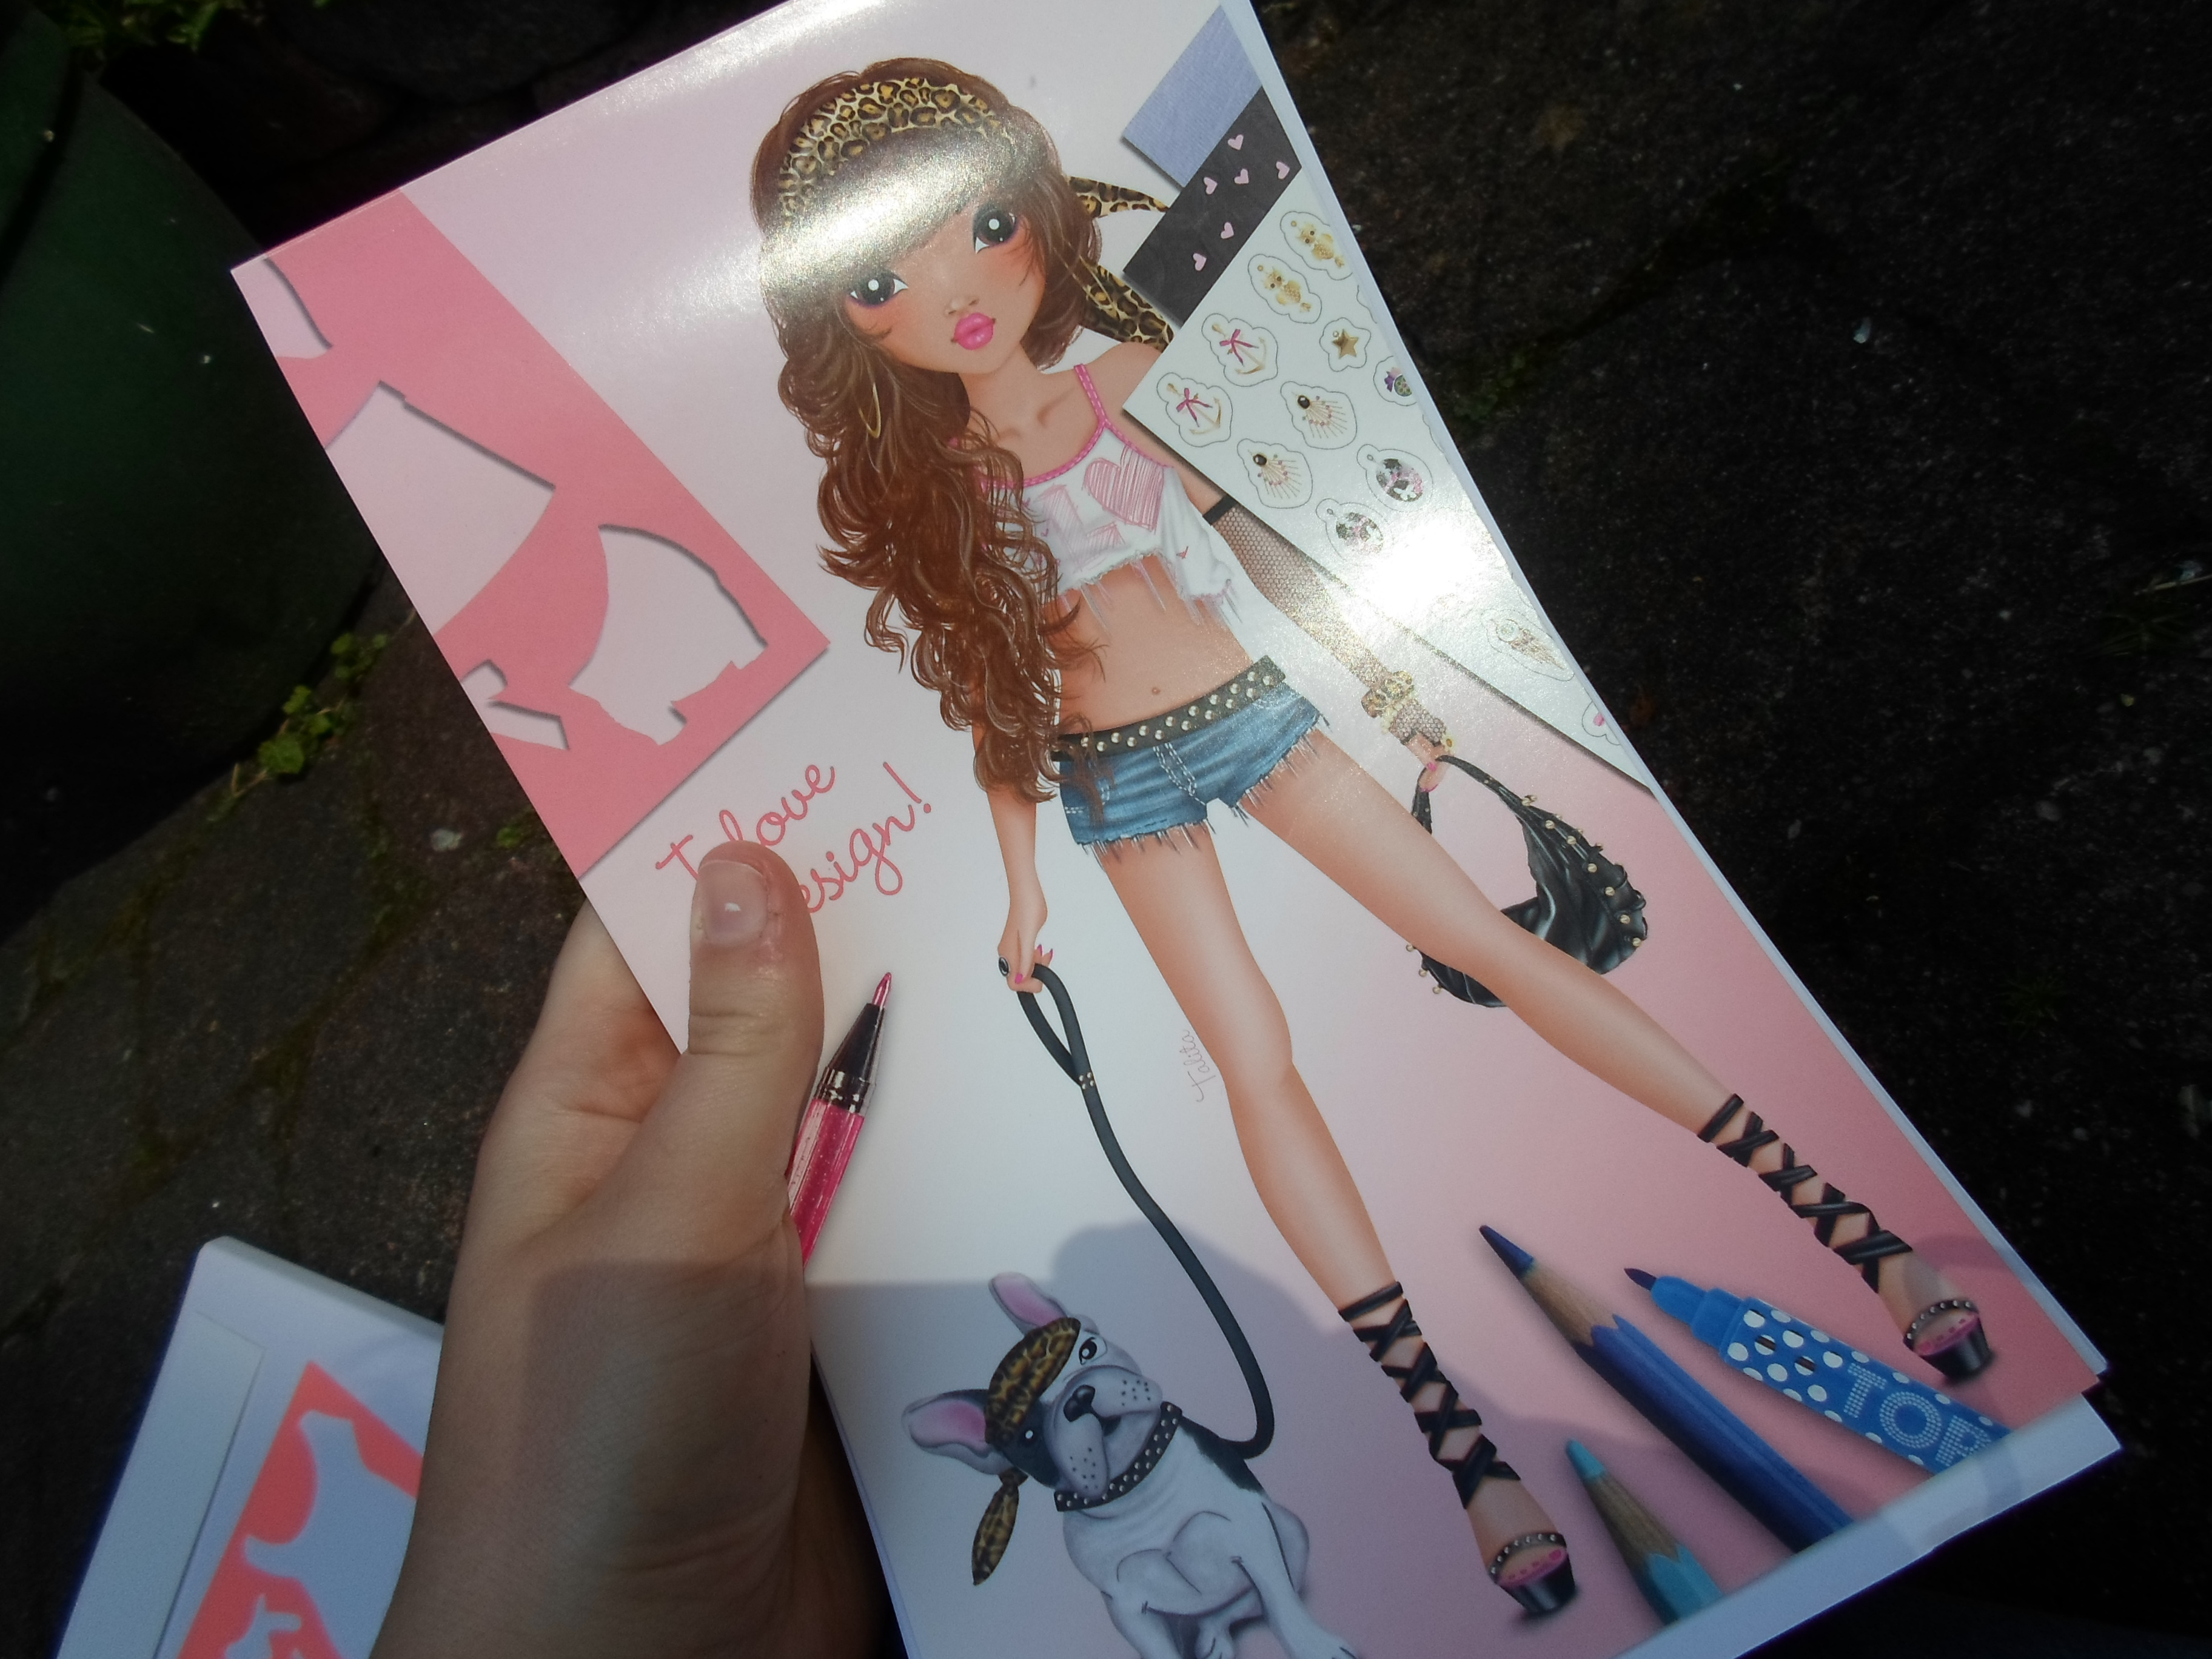 ... in met 'naakte' lichamen. Daar kun de dan kleding omheen tekenen: glowofbeauty.nl/creativie-inspiratie-top-model-tekenboek